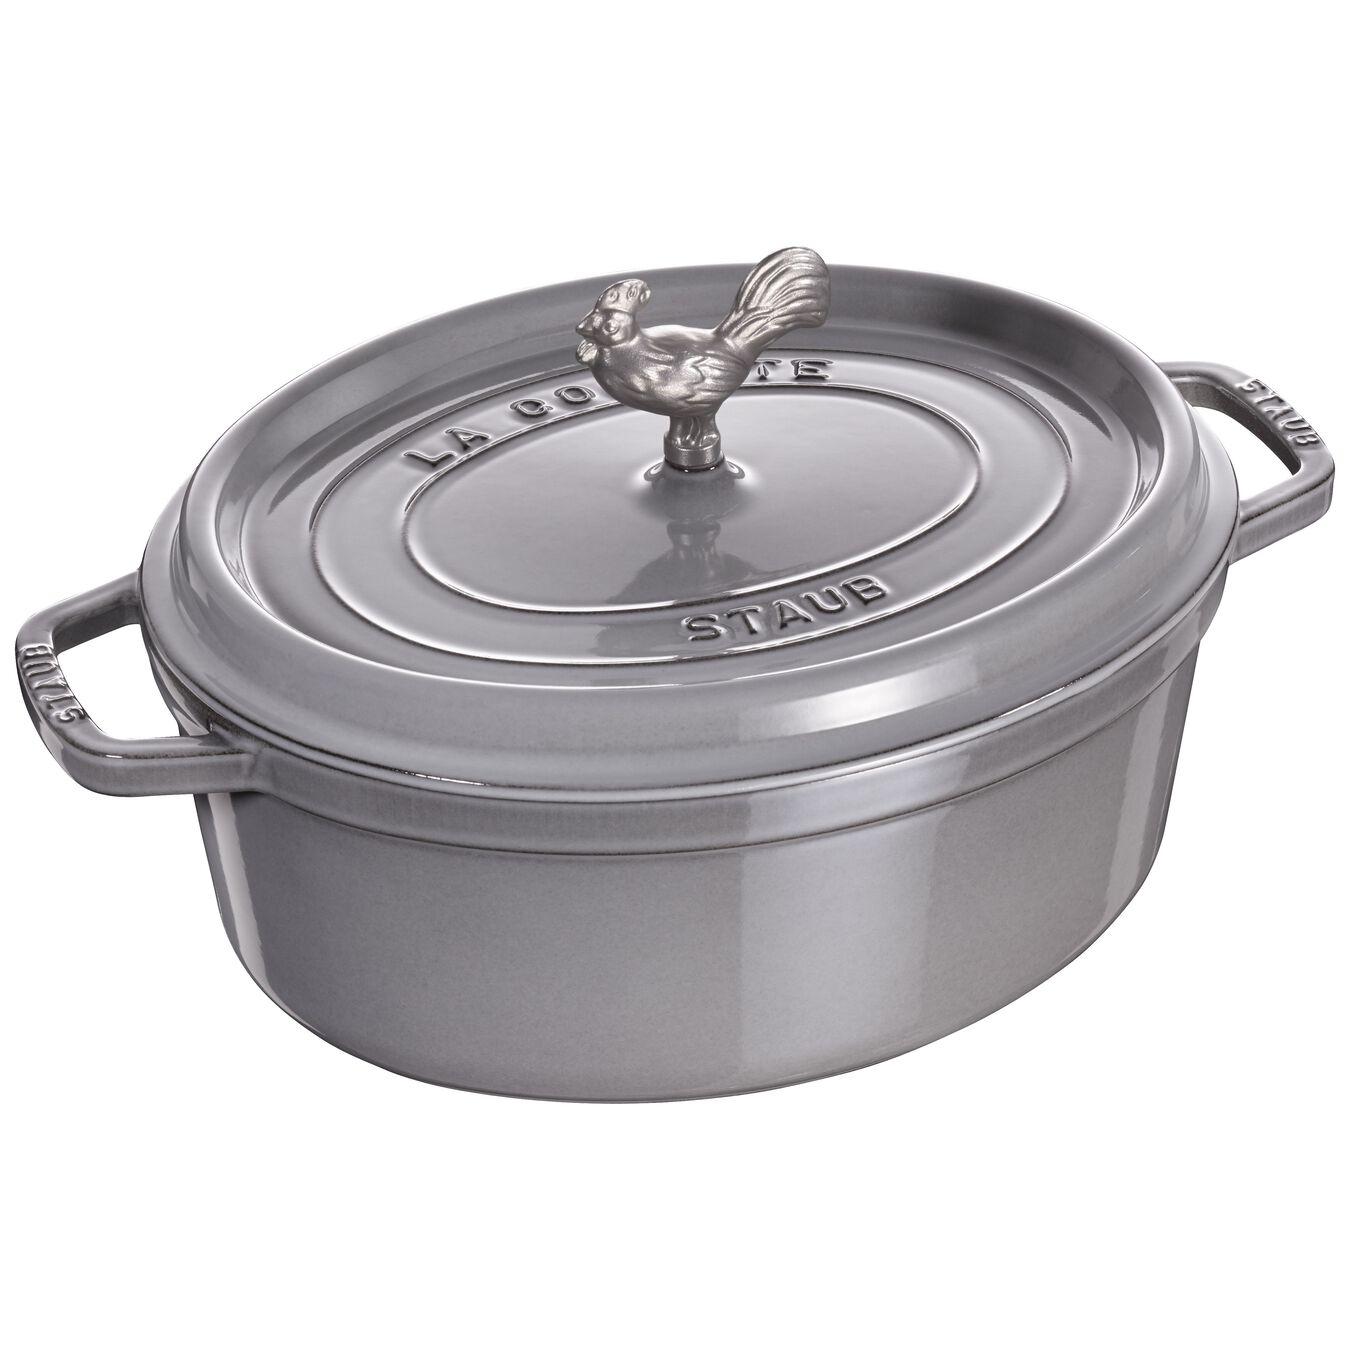 5.5 qt, oval, Coq au Vin Cocotte, graphite grey,,large 1